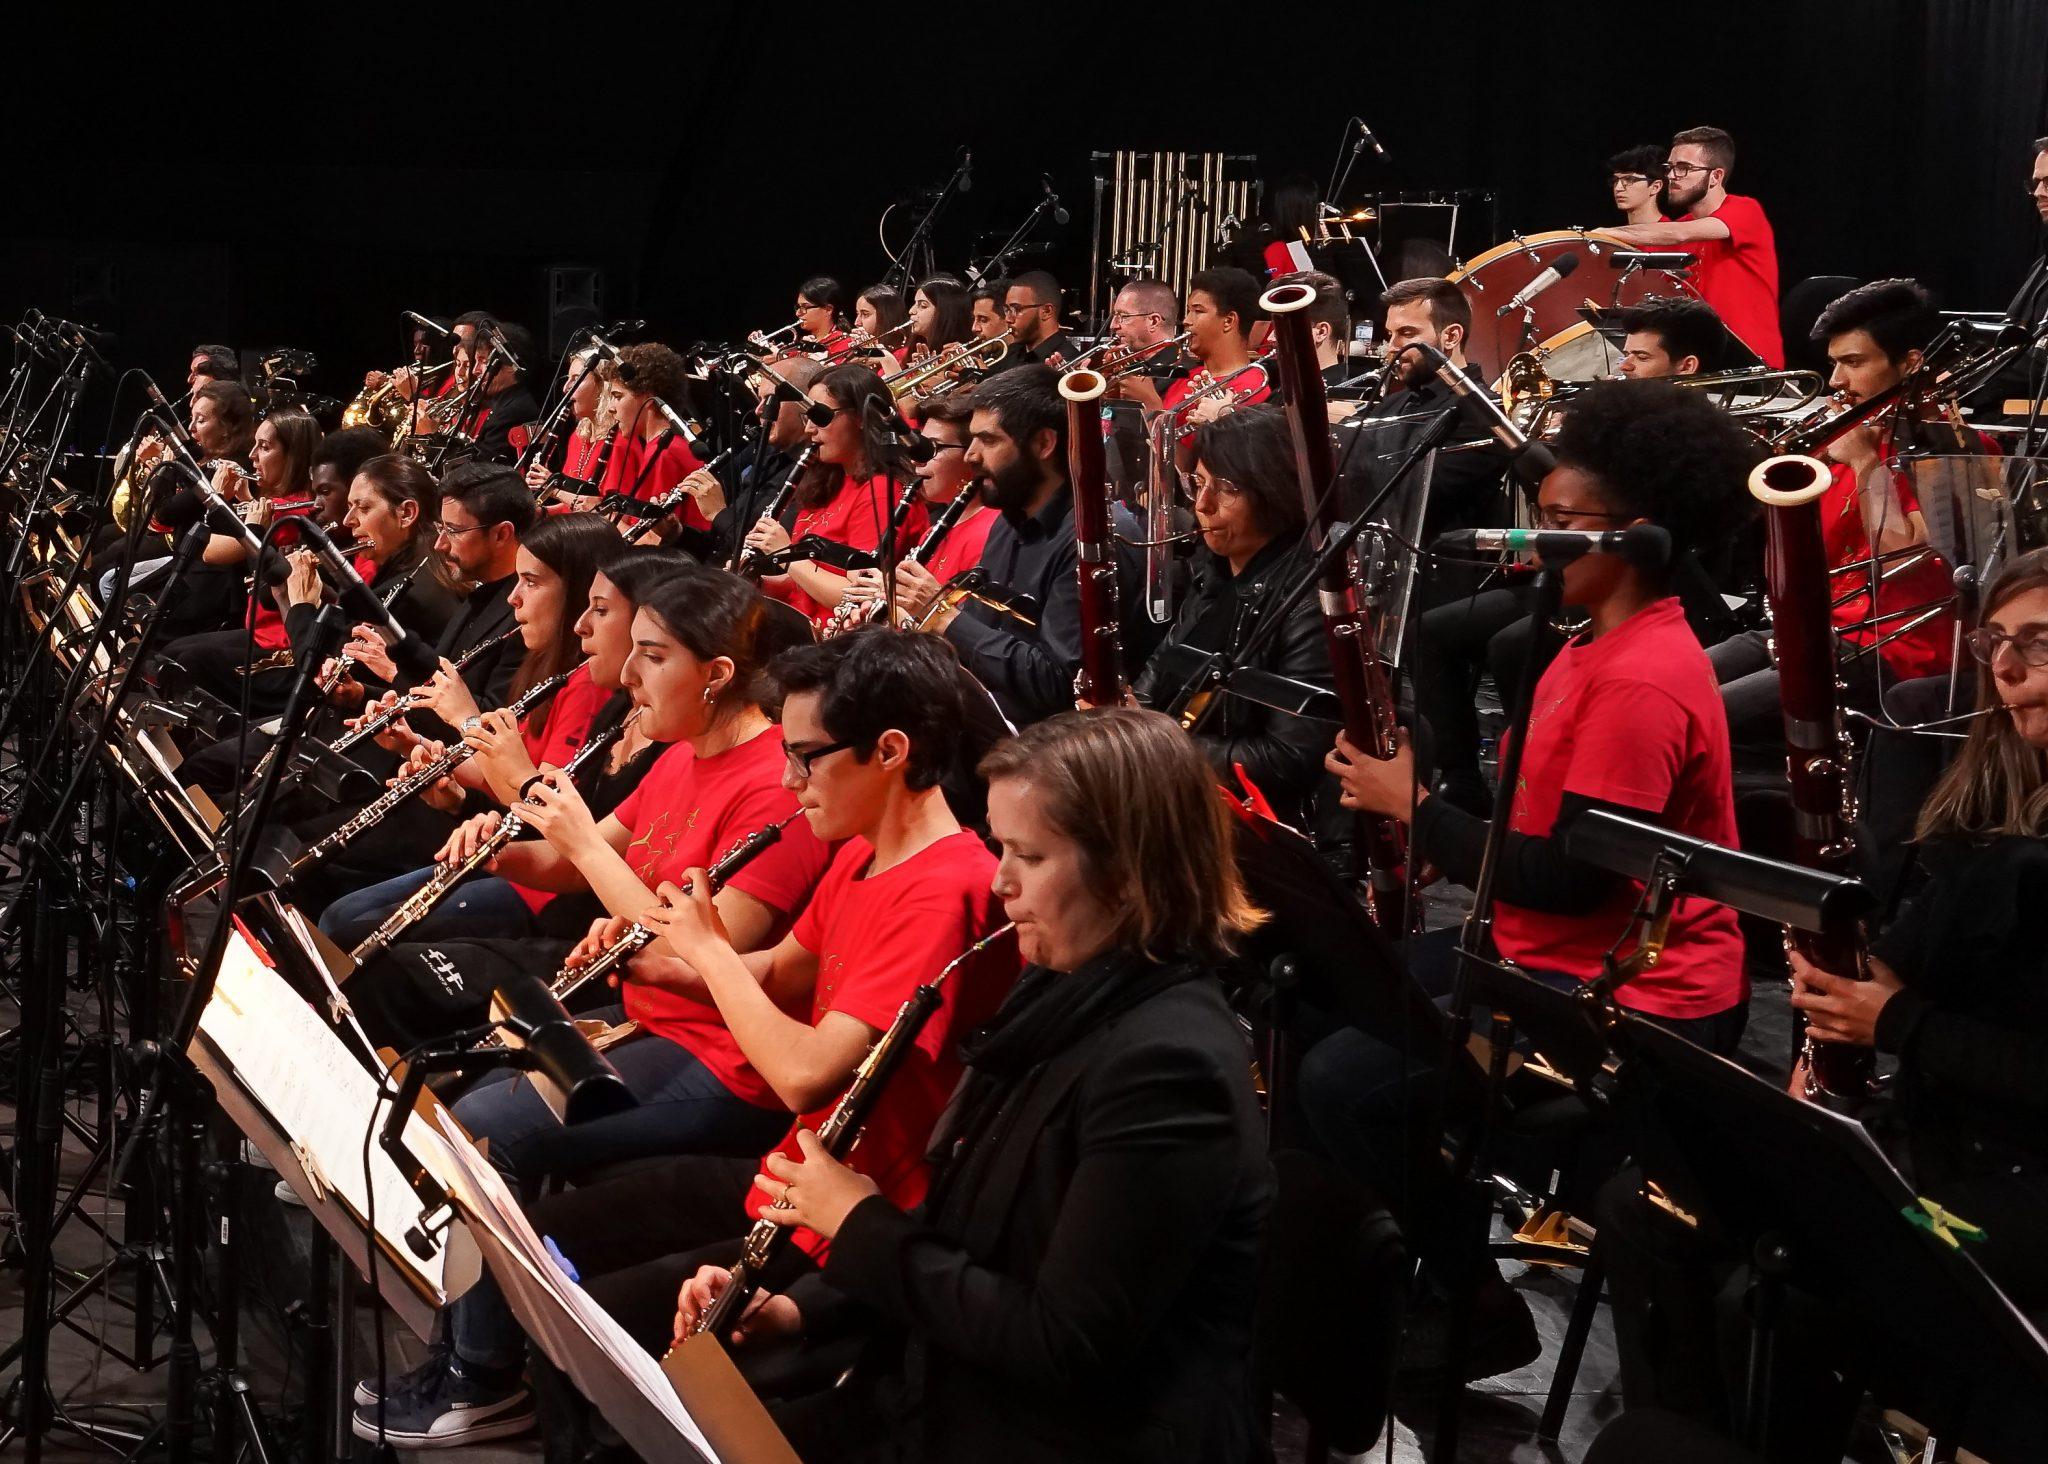 Elementos de uma orquestra (alguns de camisa preta outros de t-shirt vermelha) tocam vários instrumentos de sopro